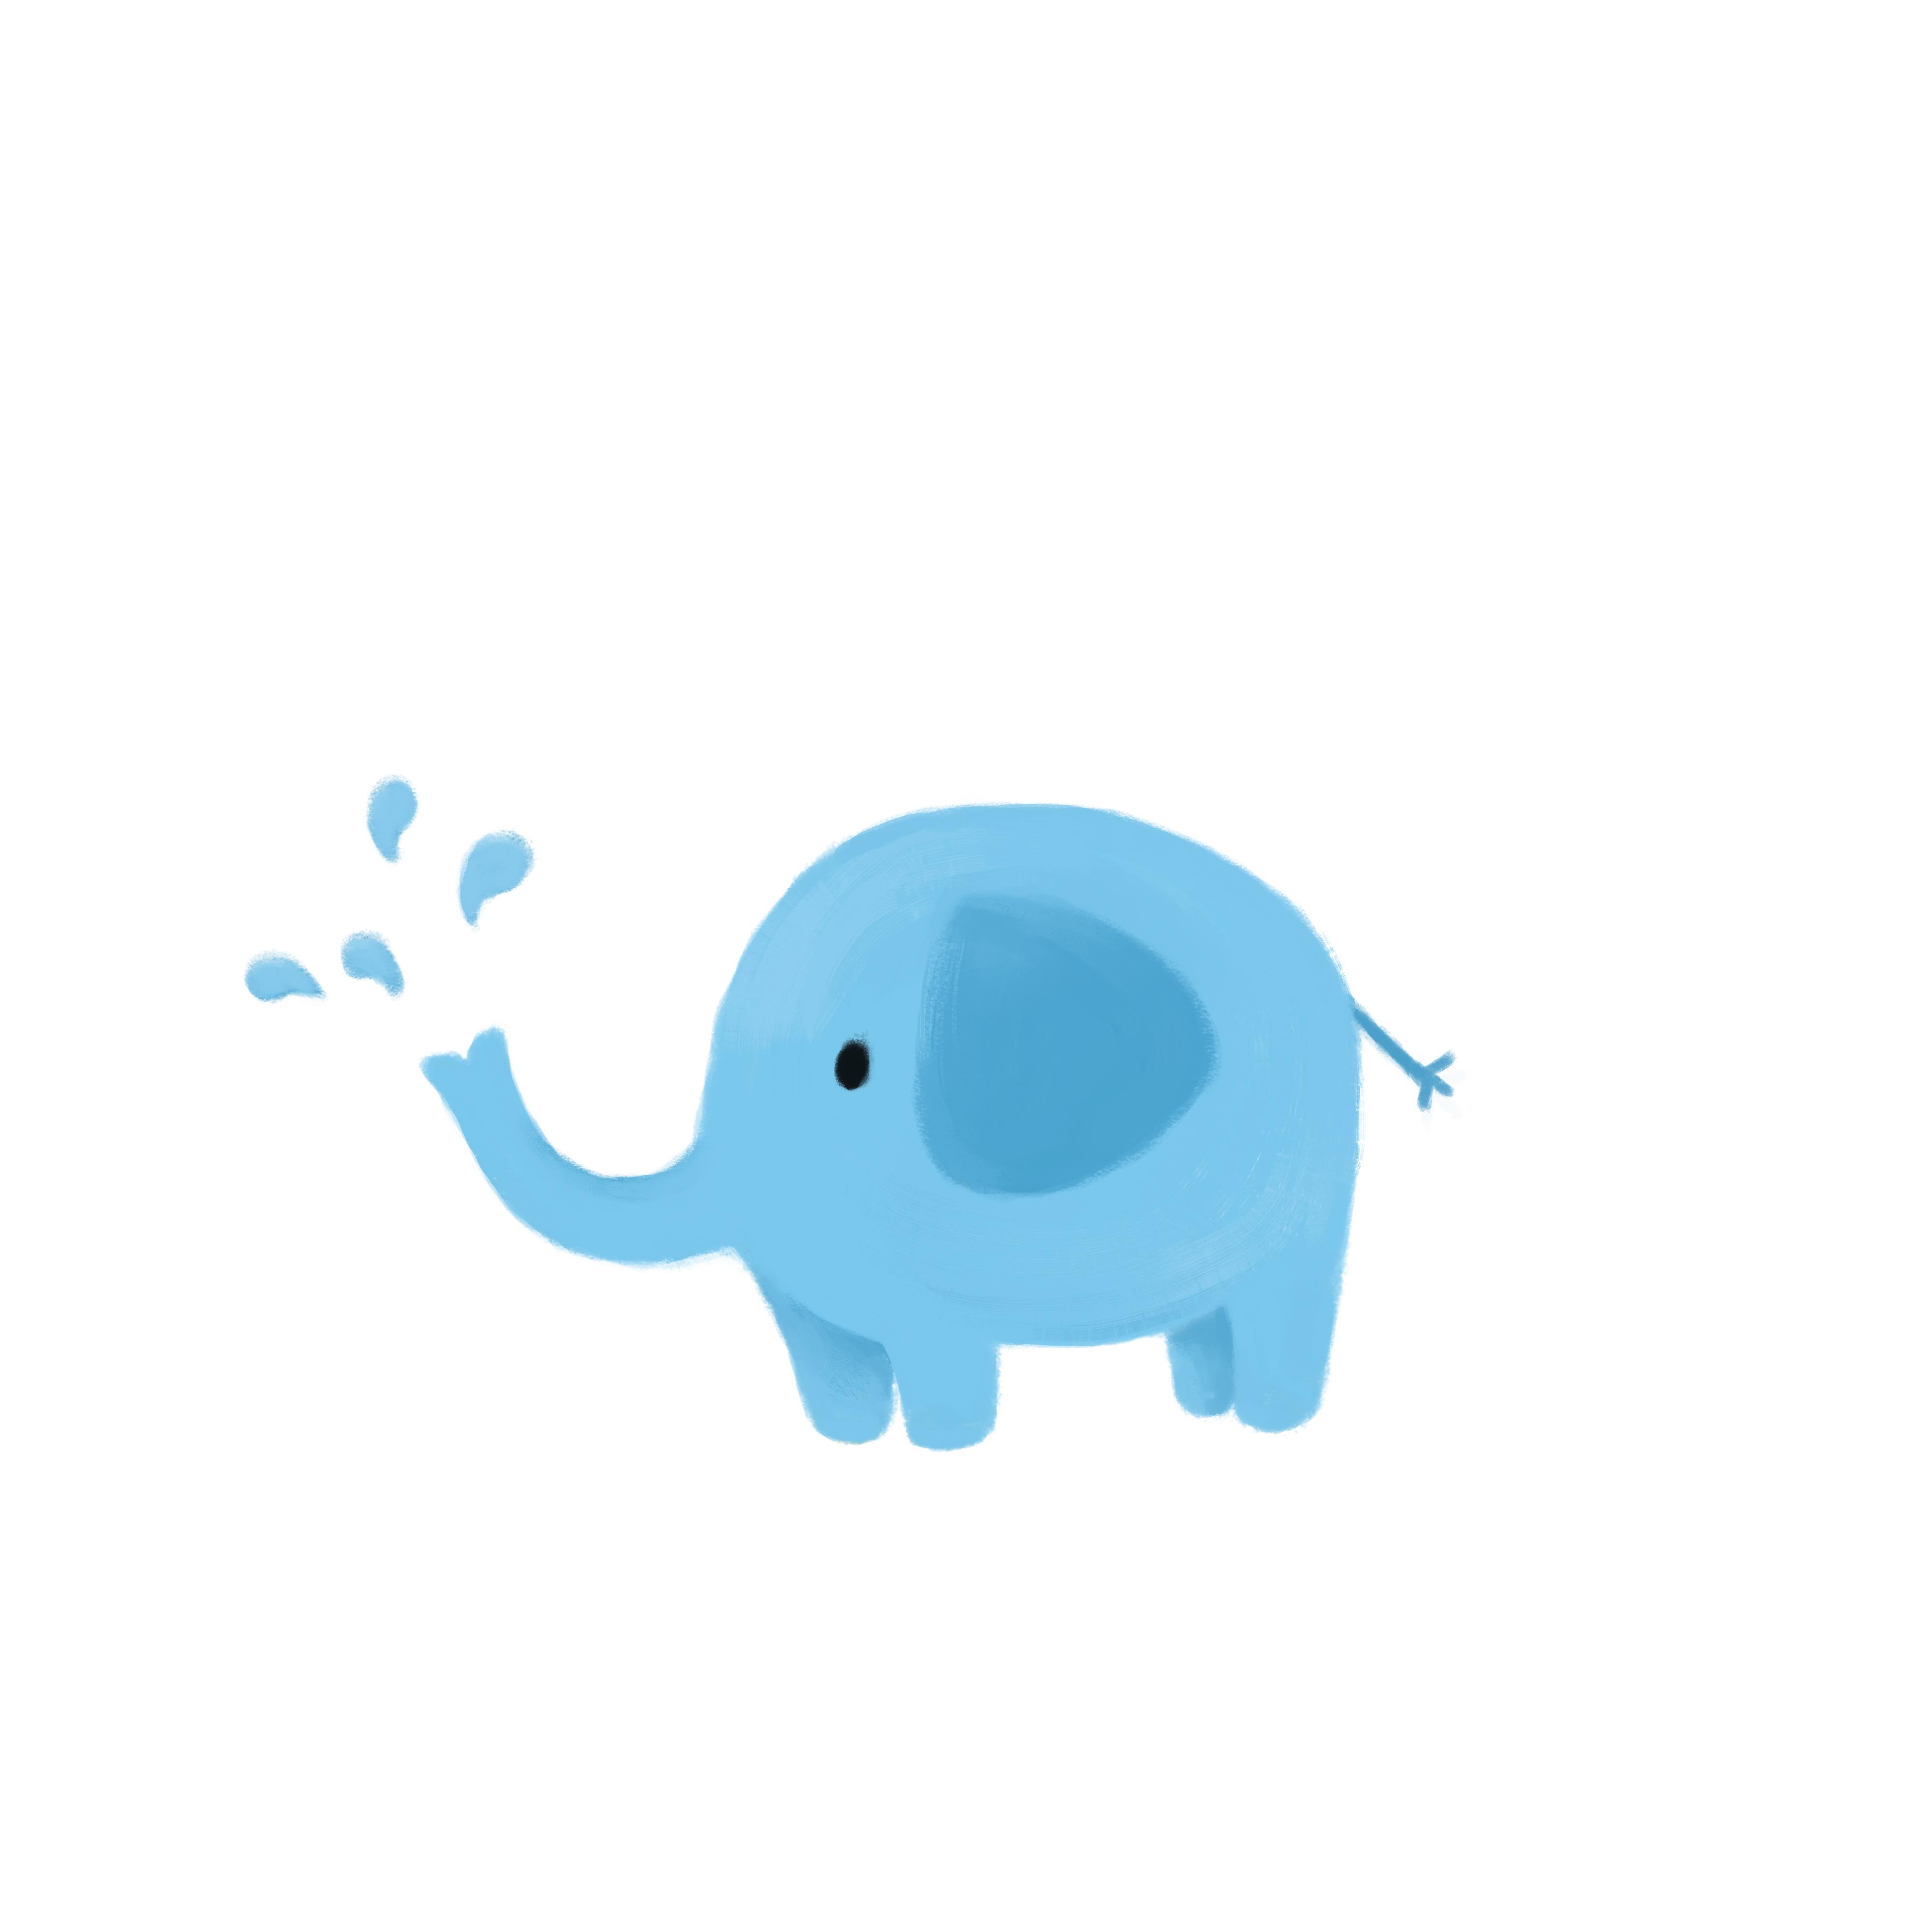 动物卡通形象——长颈鹿,小象